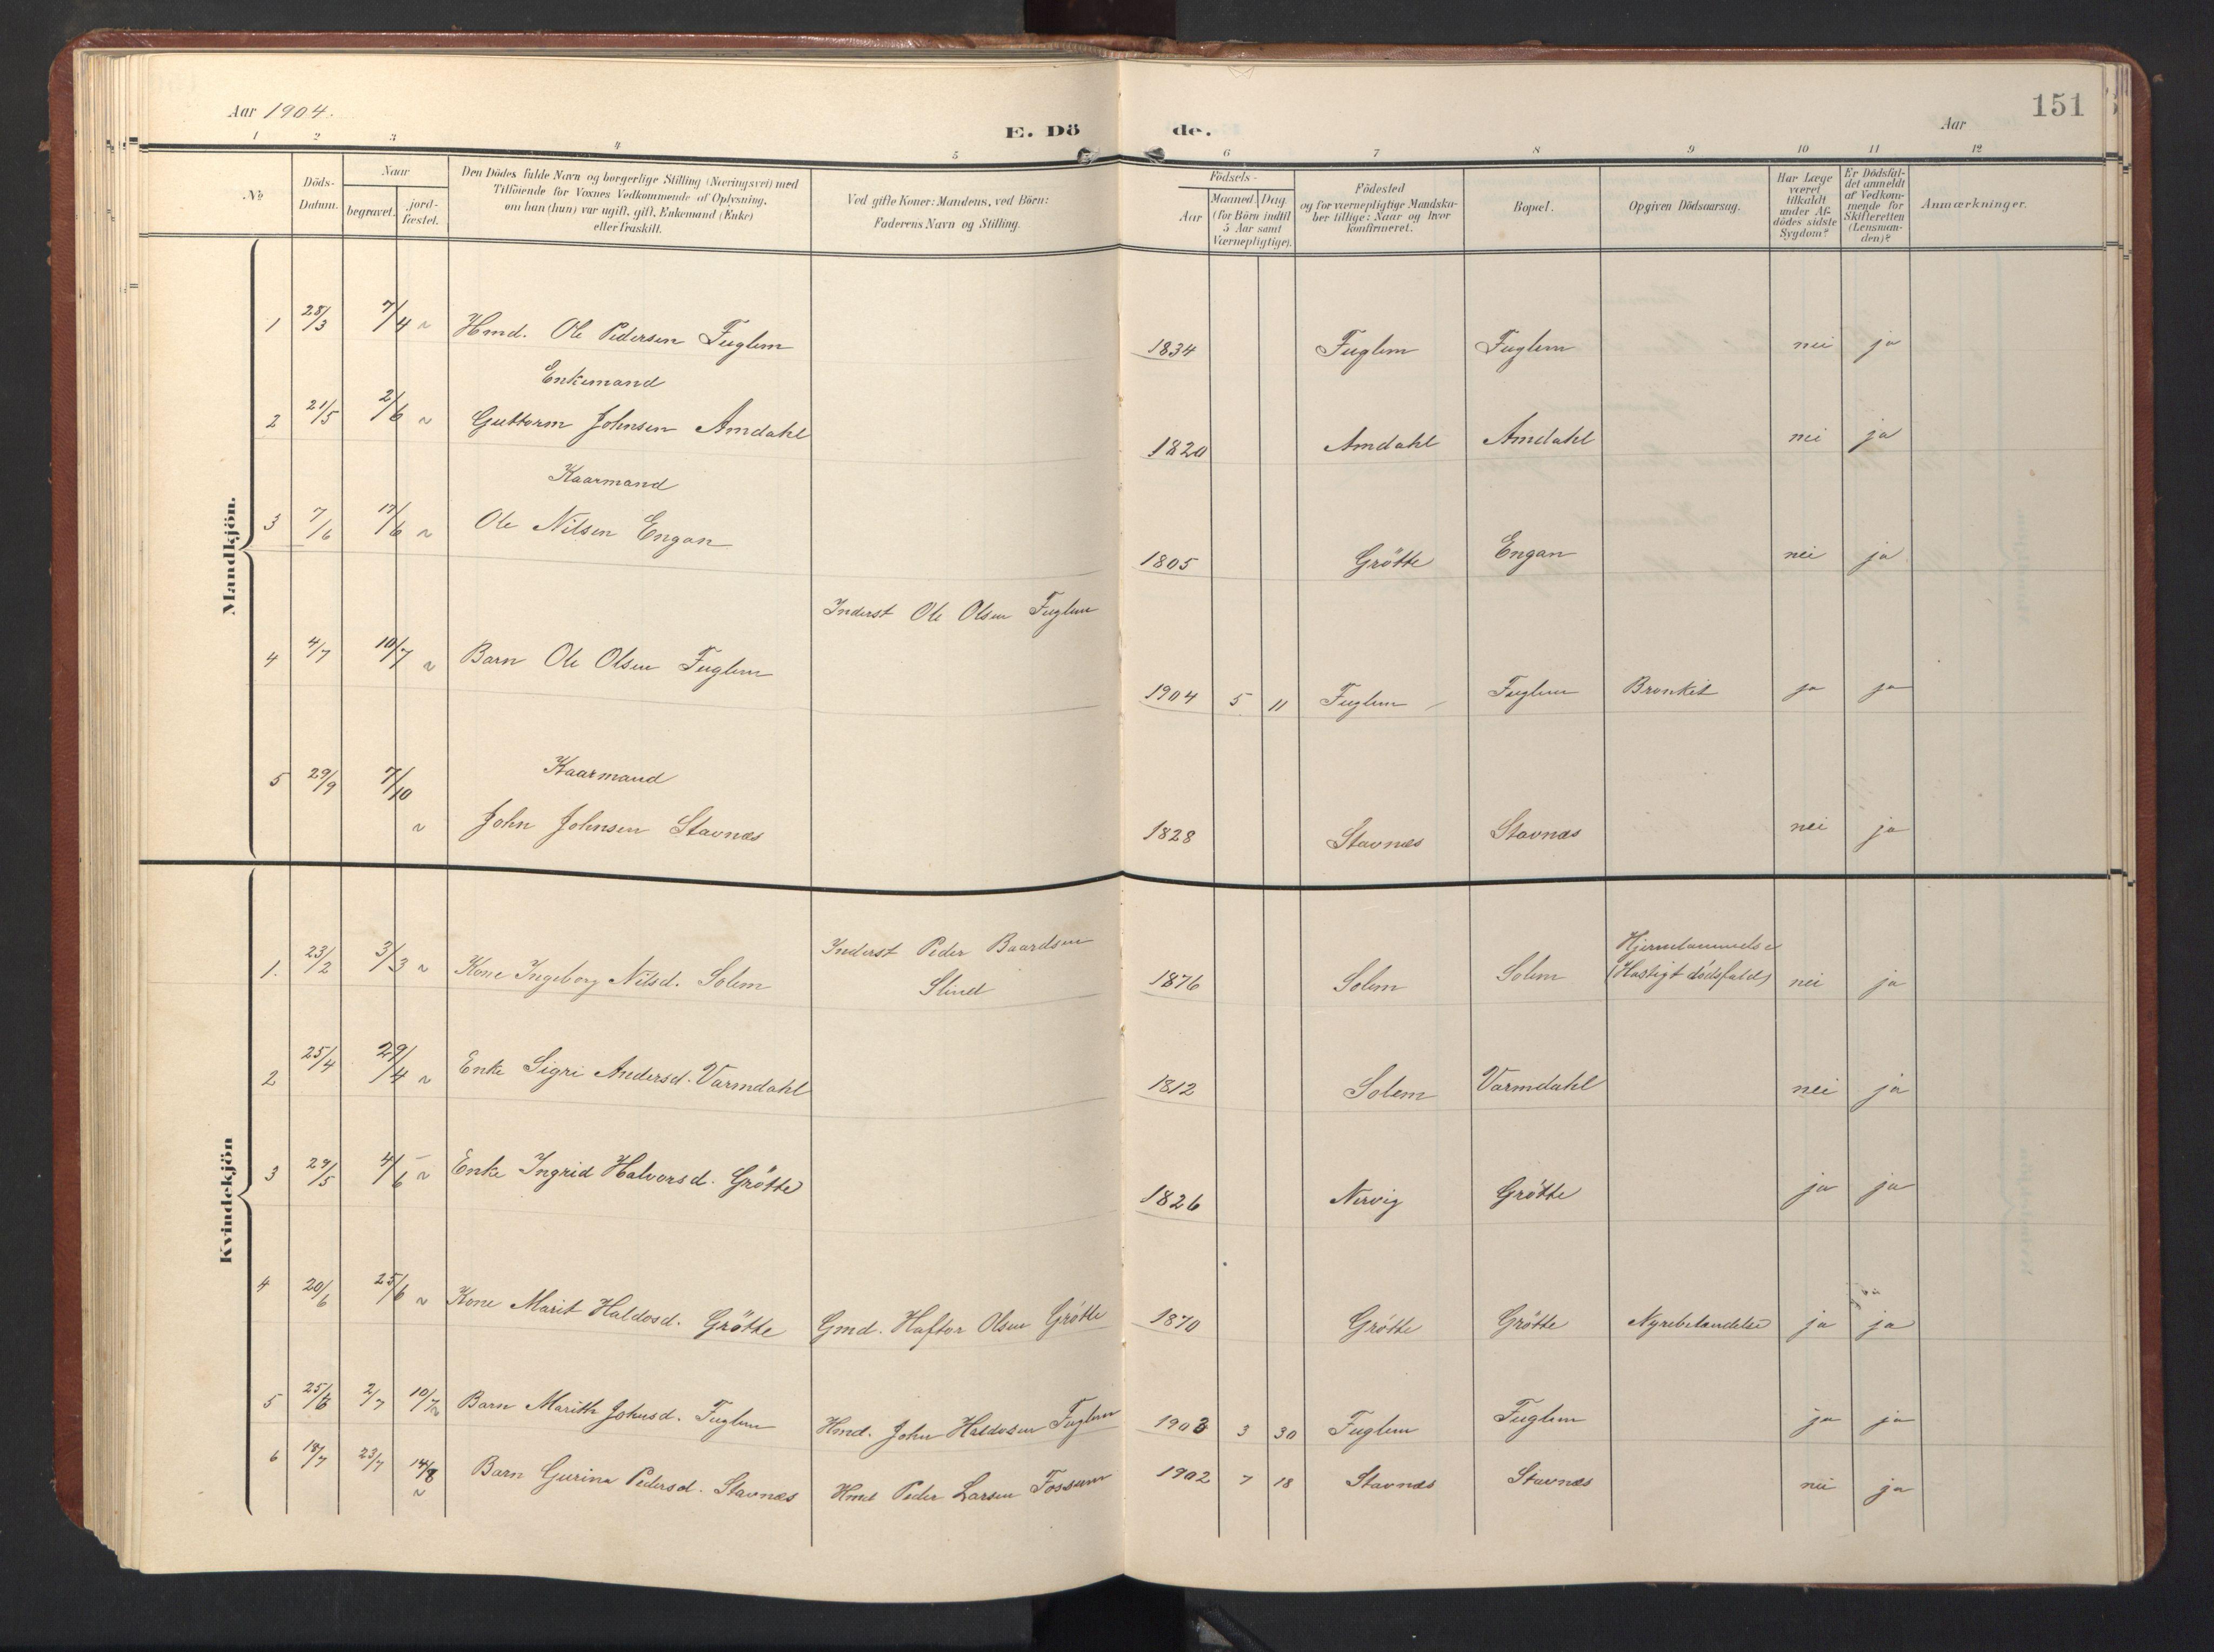 SAT, Ministerialprotokoller, klokkerbøker og fødselsregistre - Sør-Trøndelag, 696/L1161: Klokkerbok nr. 696C01, 1902-1950, s. 151